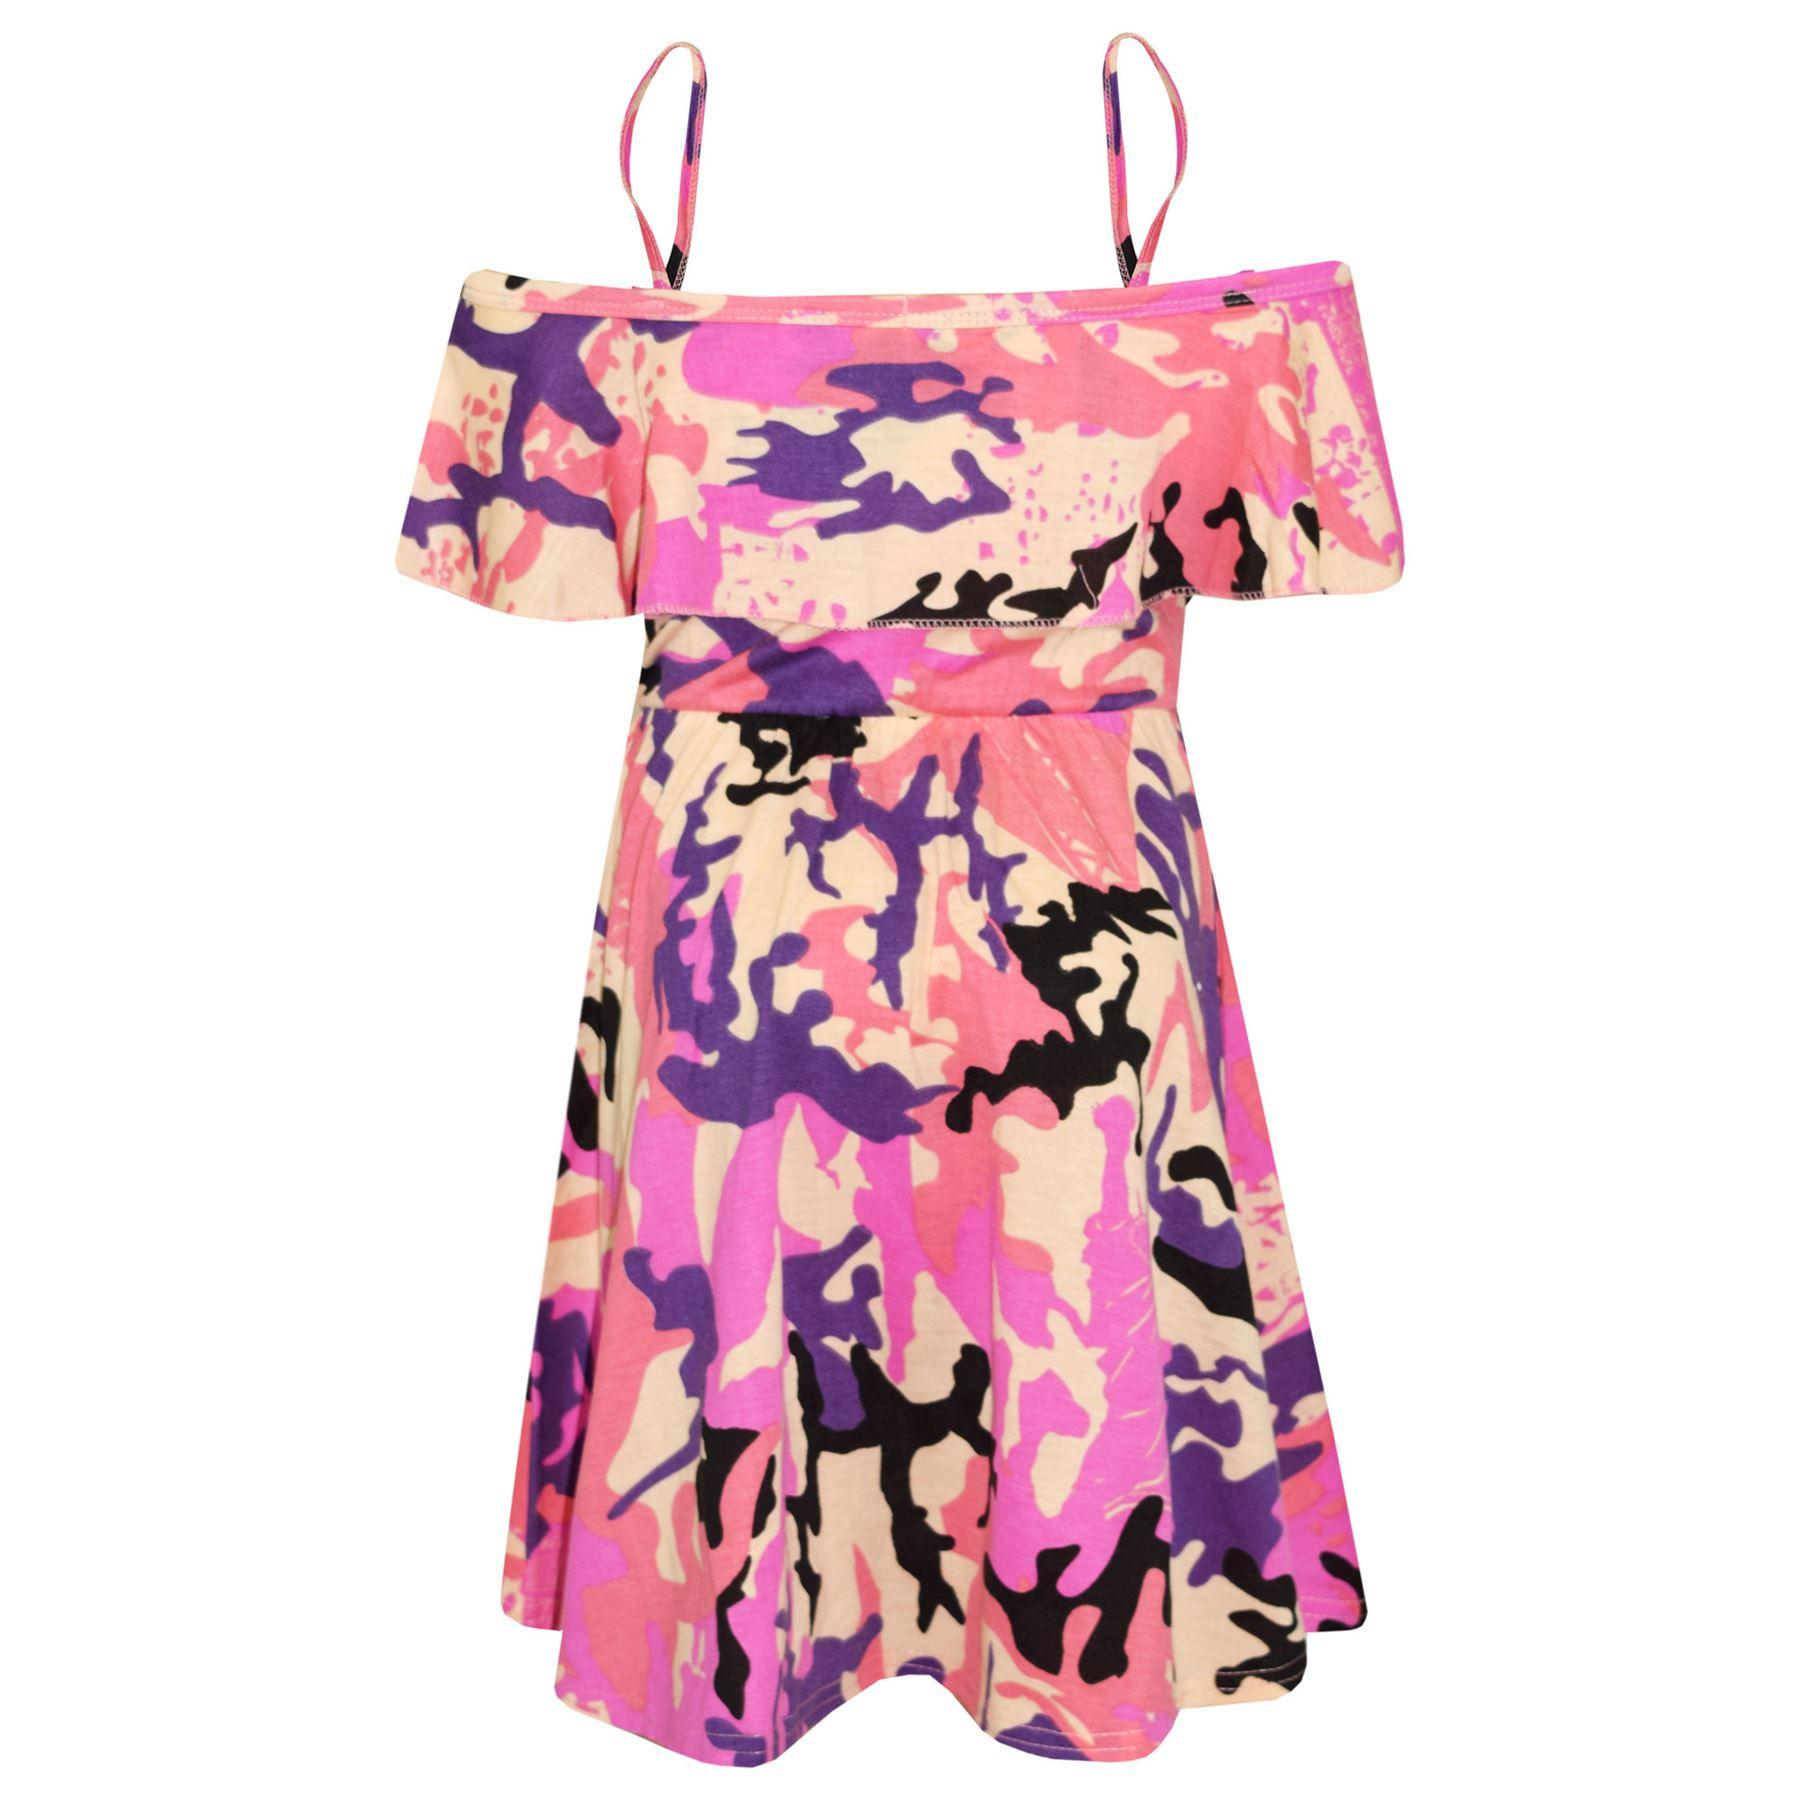 Kids-Girls-Skater-Dress-Floral-Print-Summer-Party-Fashion-Off-Shoulder-Dresses thumbnail 8